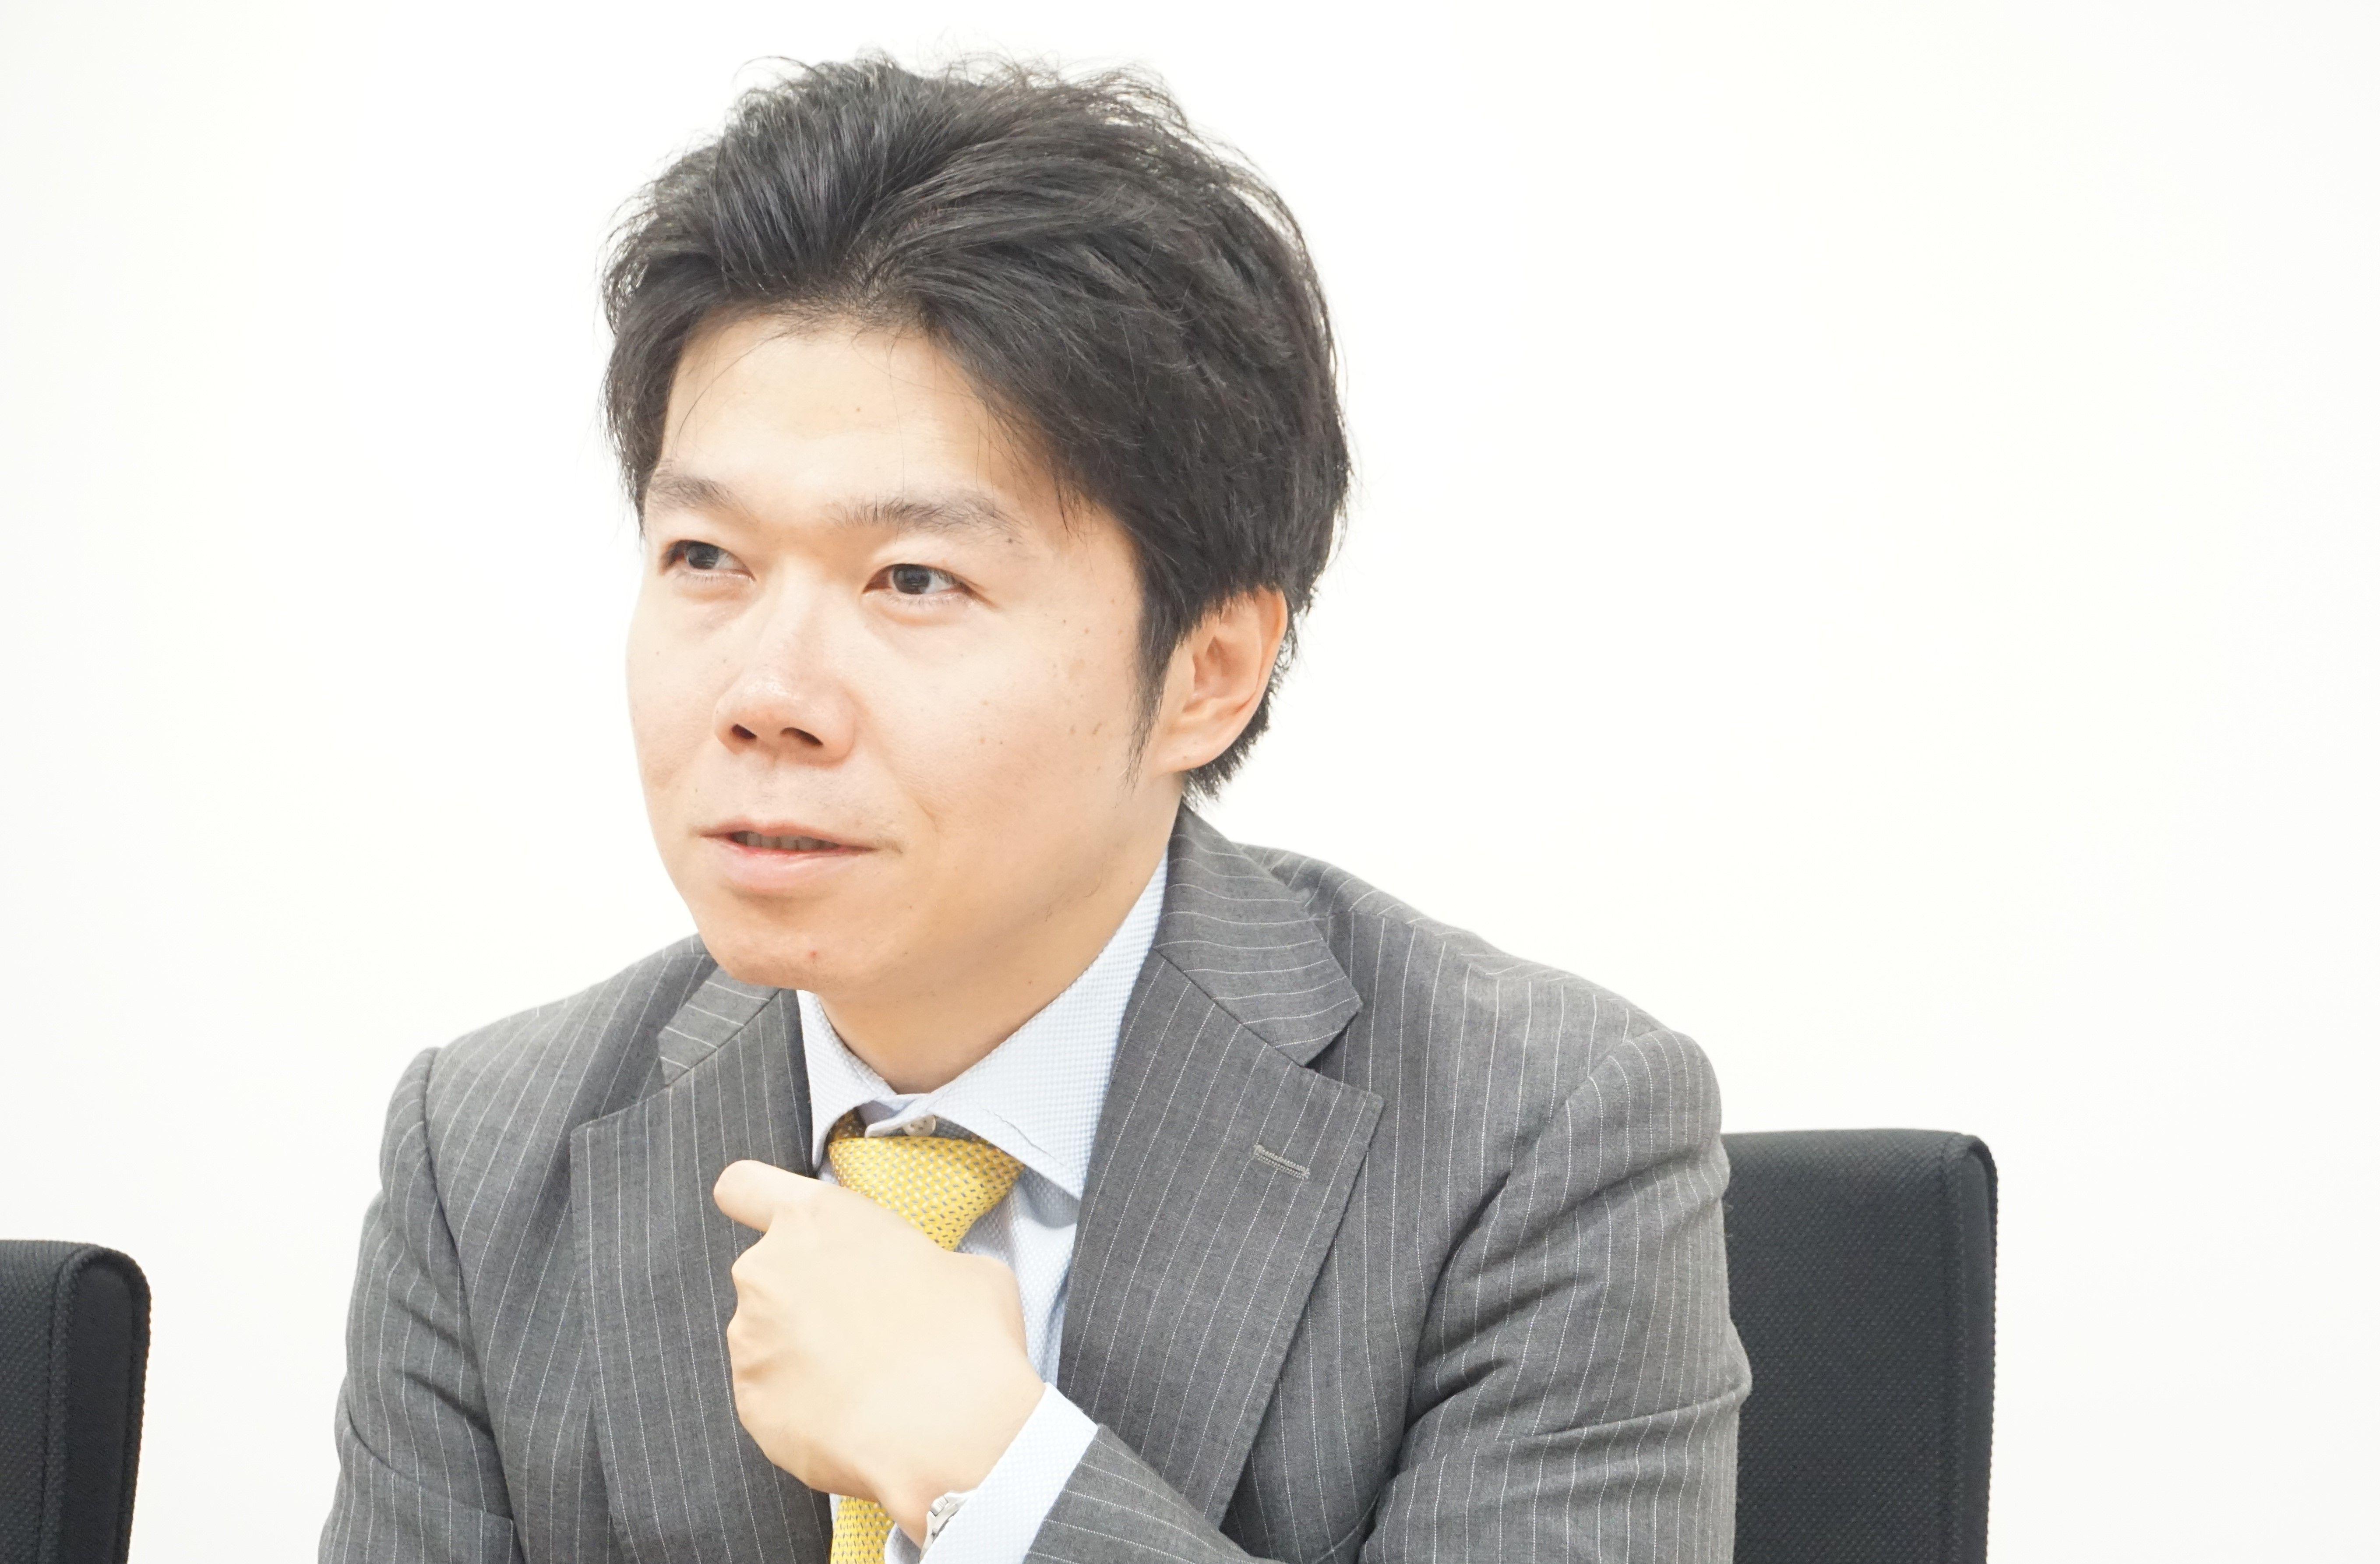 【著者登場】『中小企業買収の法務』柴田 堅太郎弁護士に聞く